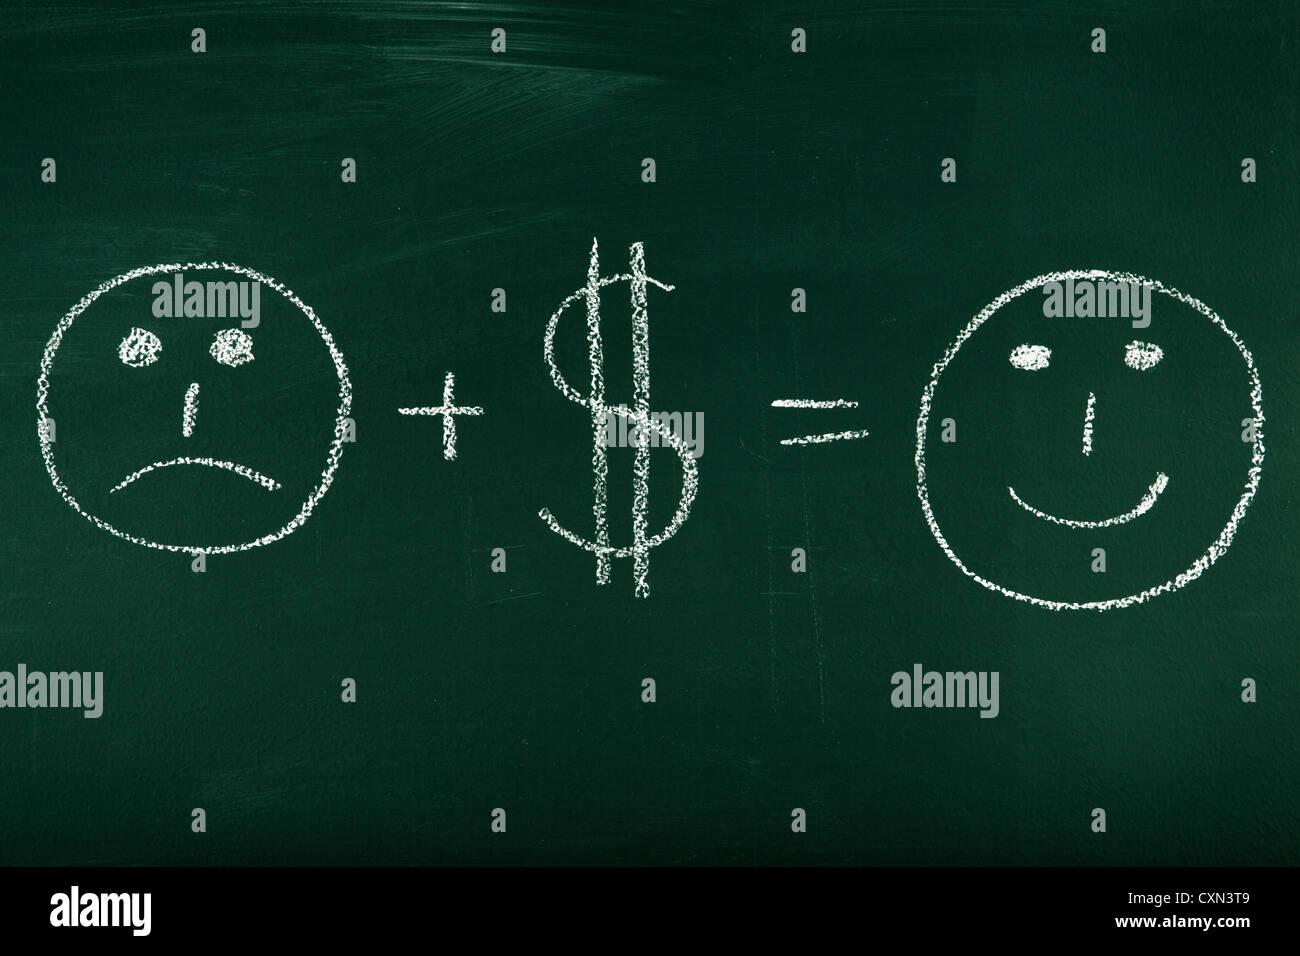 El dinero puede cambiar tu vida - concepto ilustrado sobre la pizarra Imagen De Stock